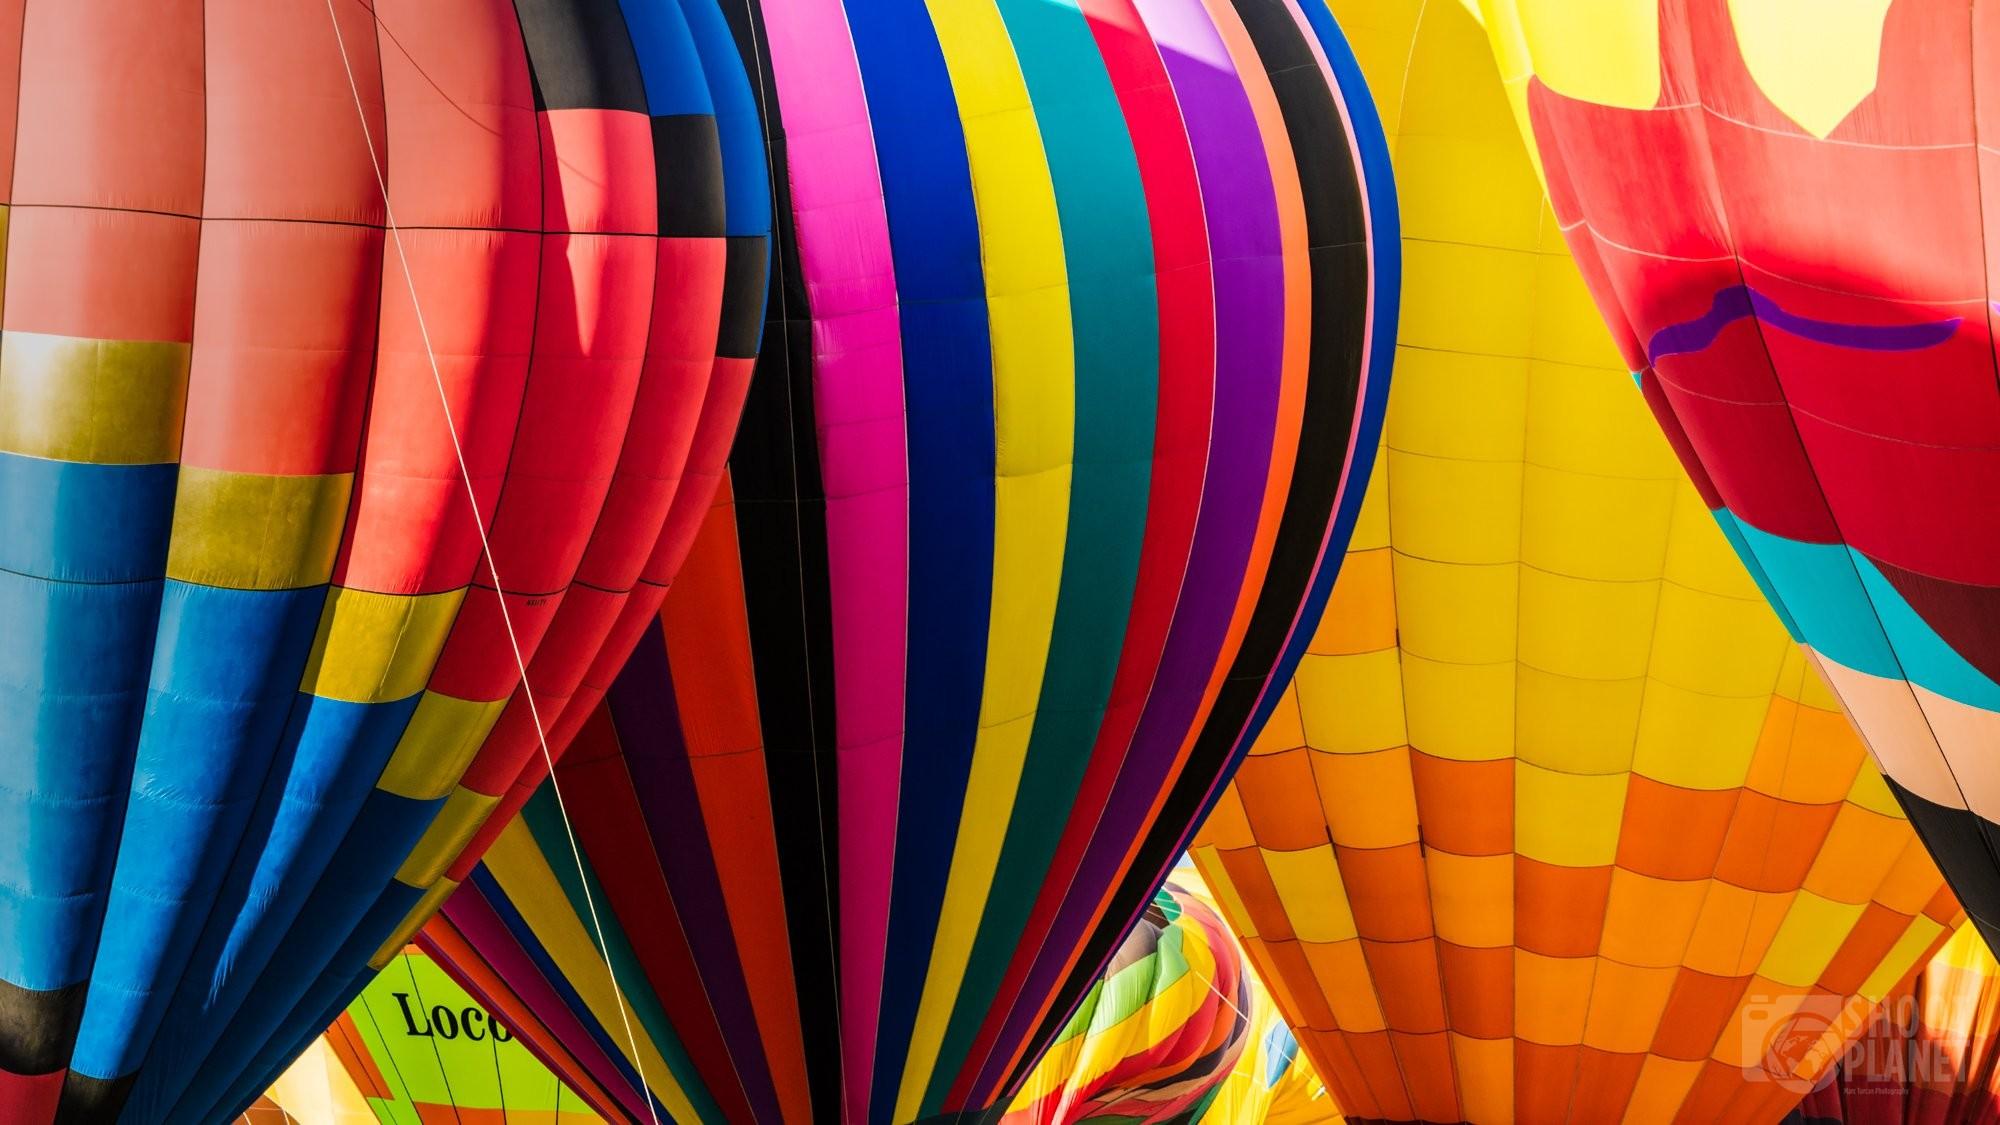 Air balloons close-up in Albuquerque, USA